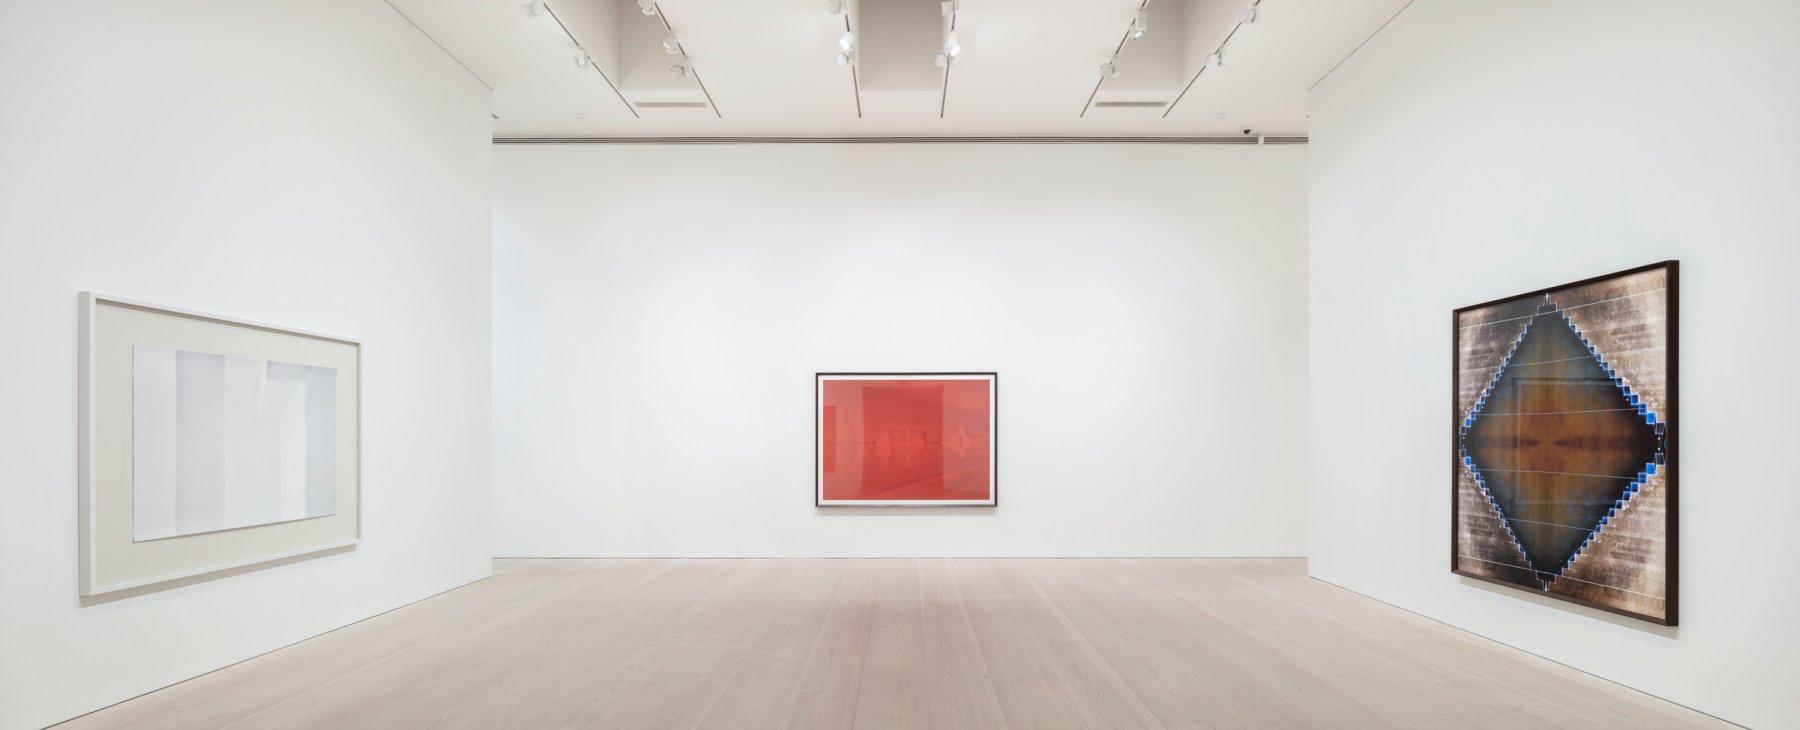 Galerie Forsblom Ola Kolehmainen 1